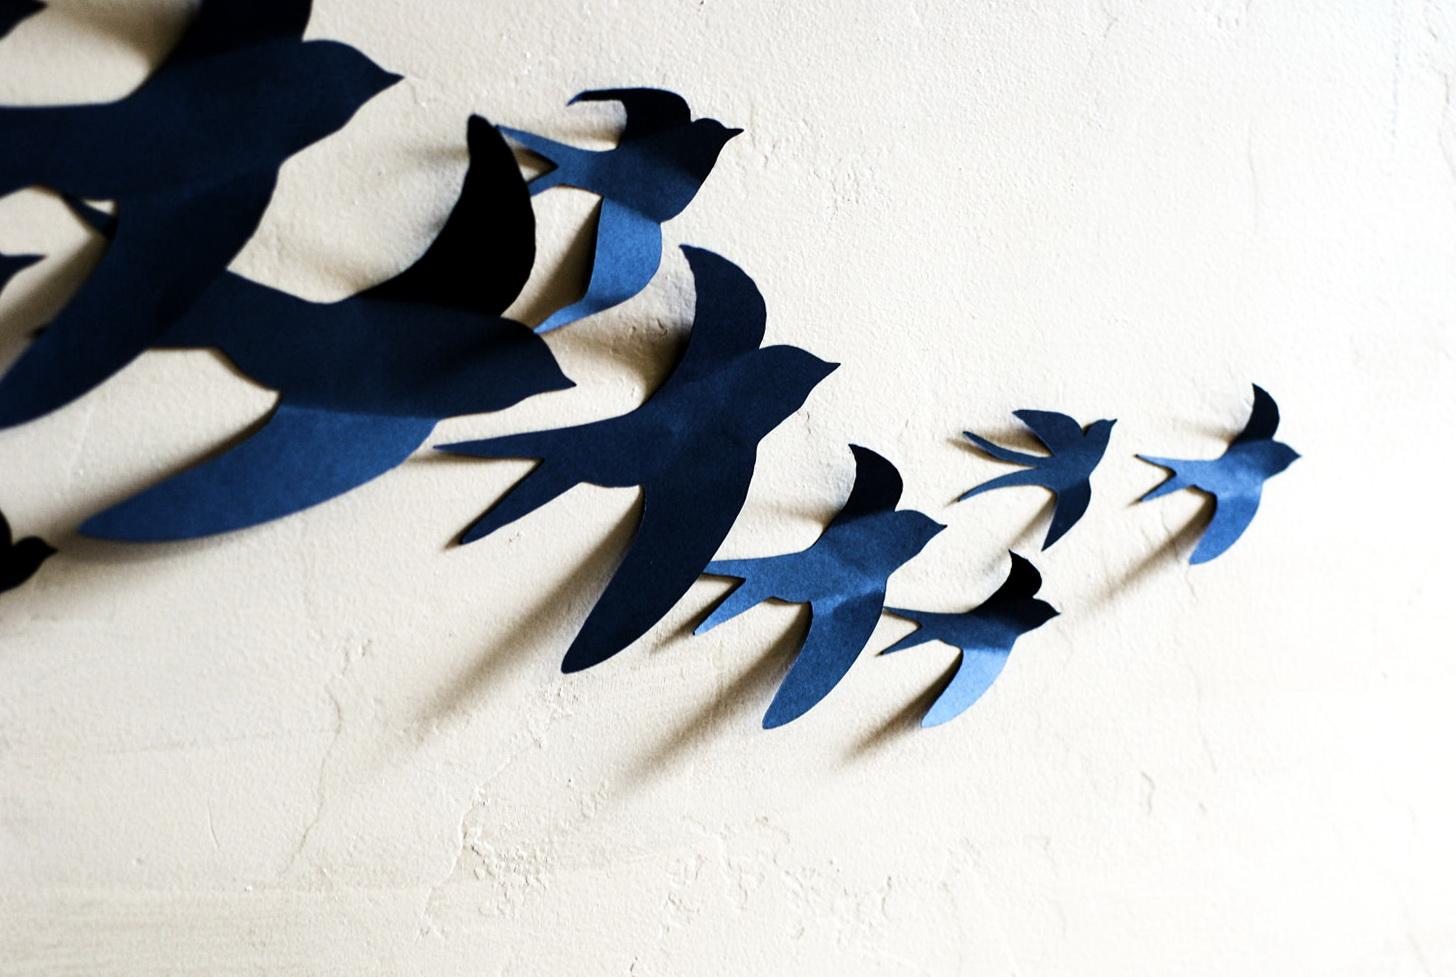 Птички из бумаги своими руками картинки